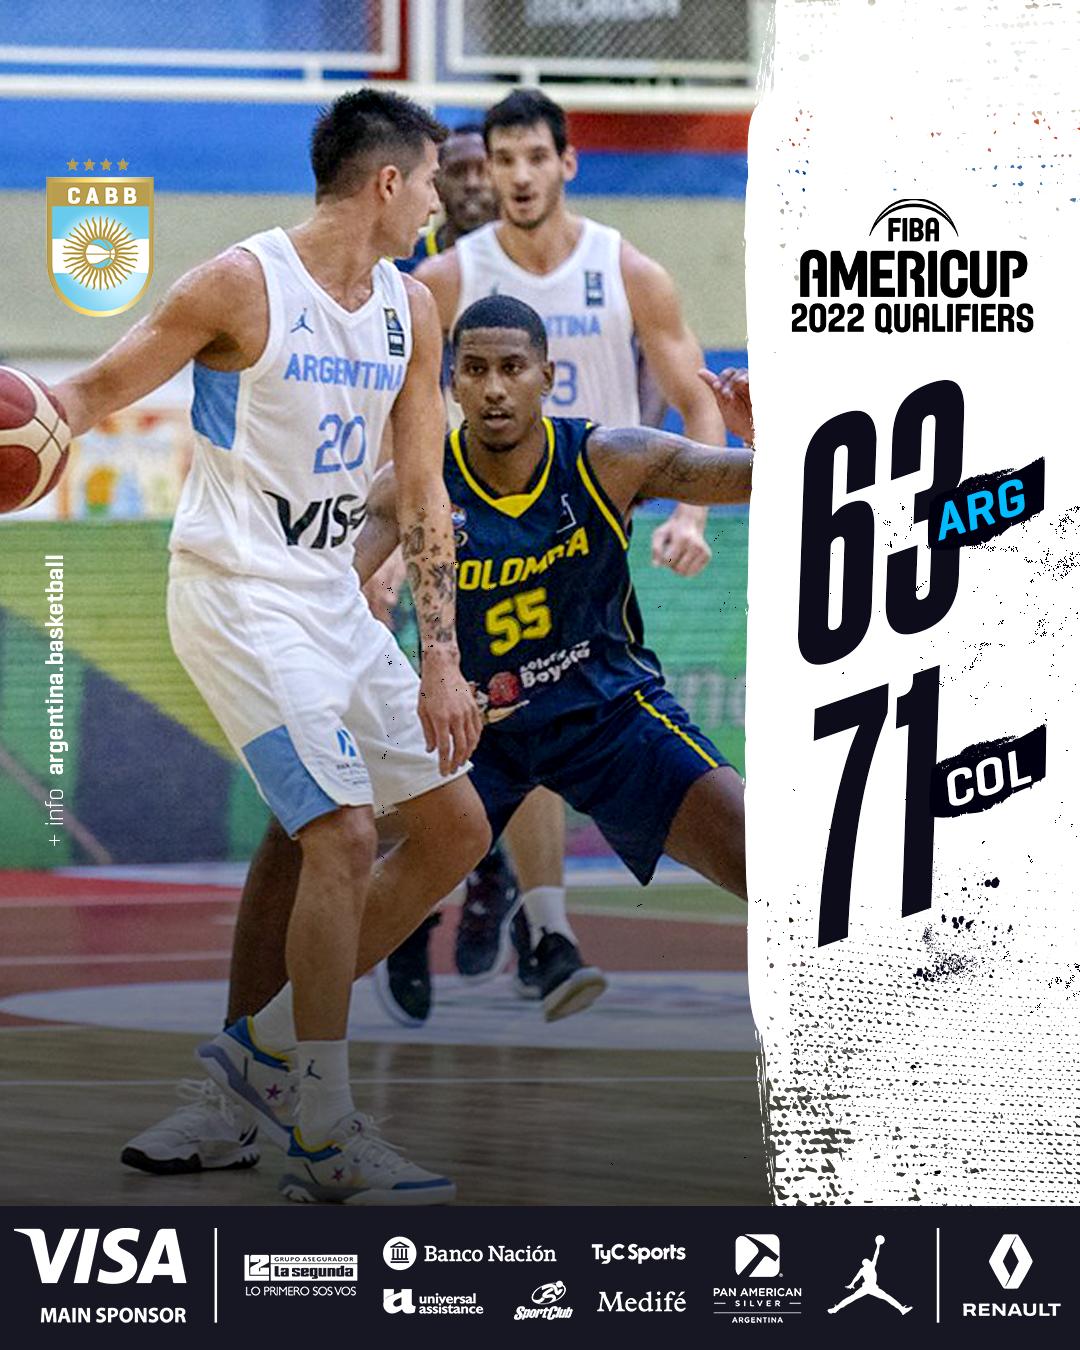 Americup 2022: Argentina cerró con derrota pero el balance es muy positivo